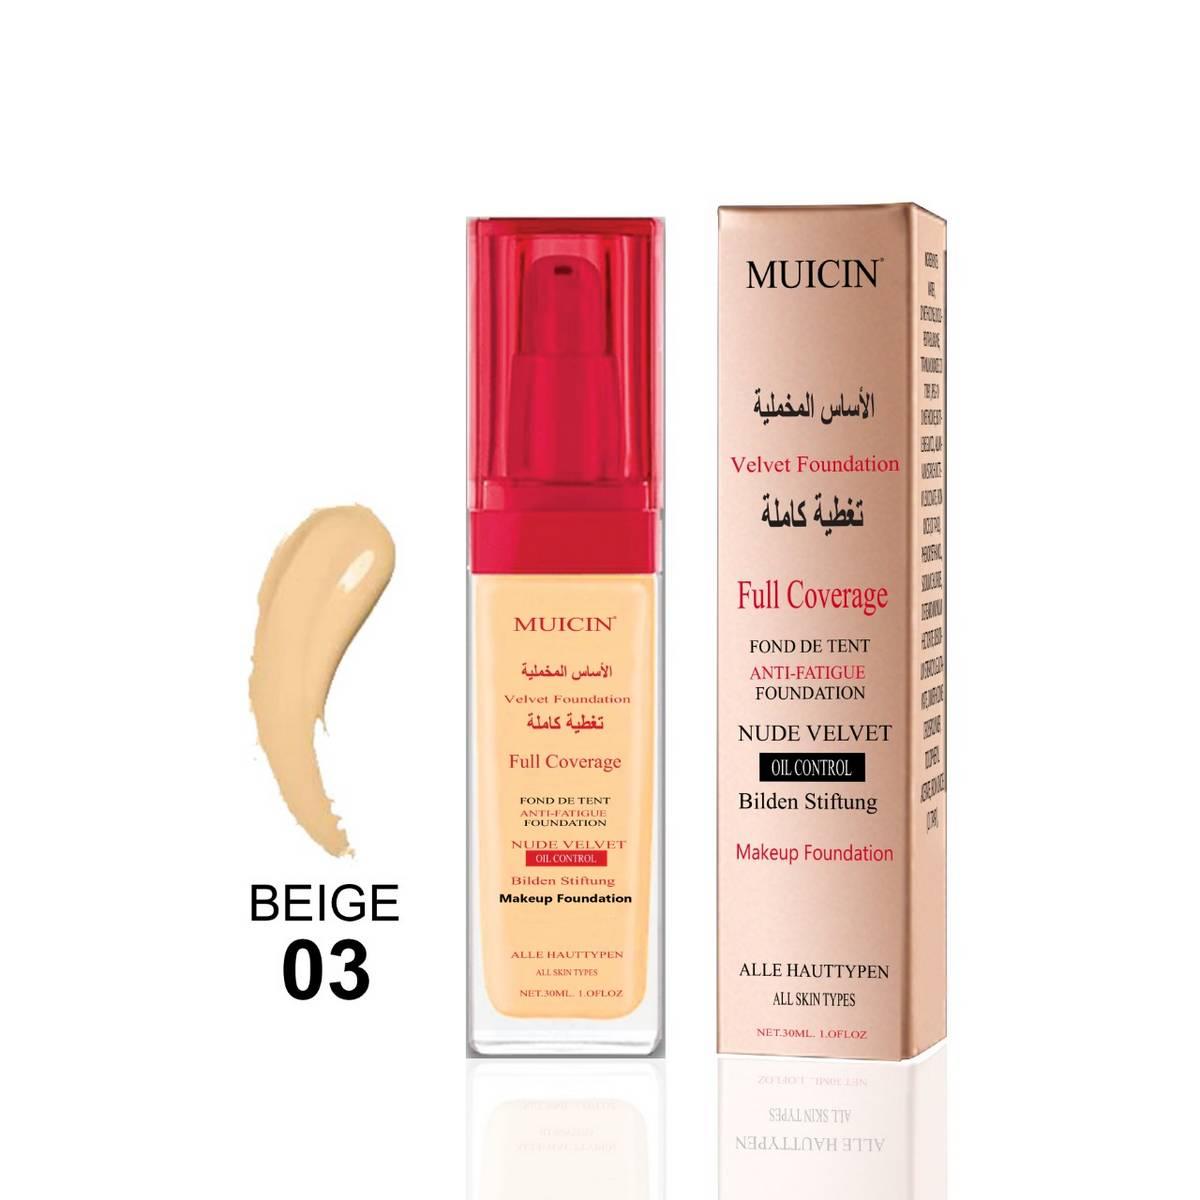 MUICIN Velvet Full Coverage Foundation - 30ml